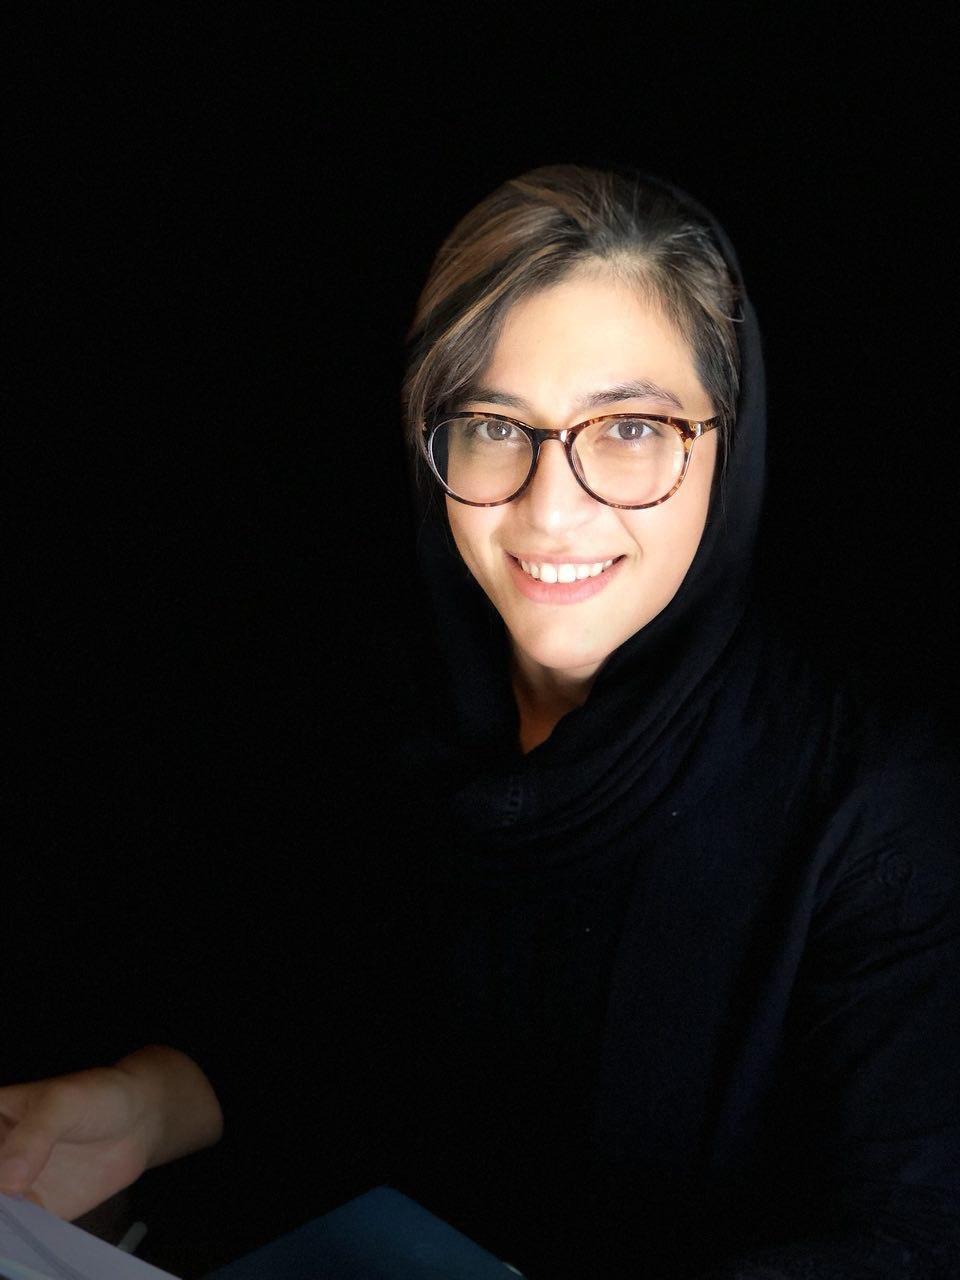 Clara Salehi